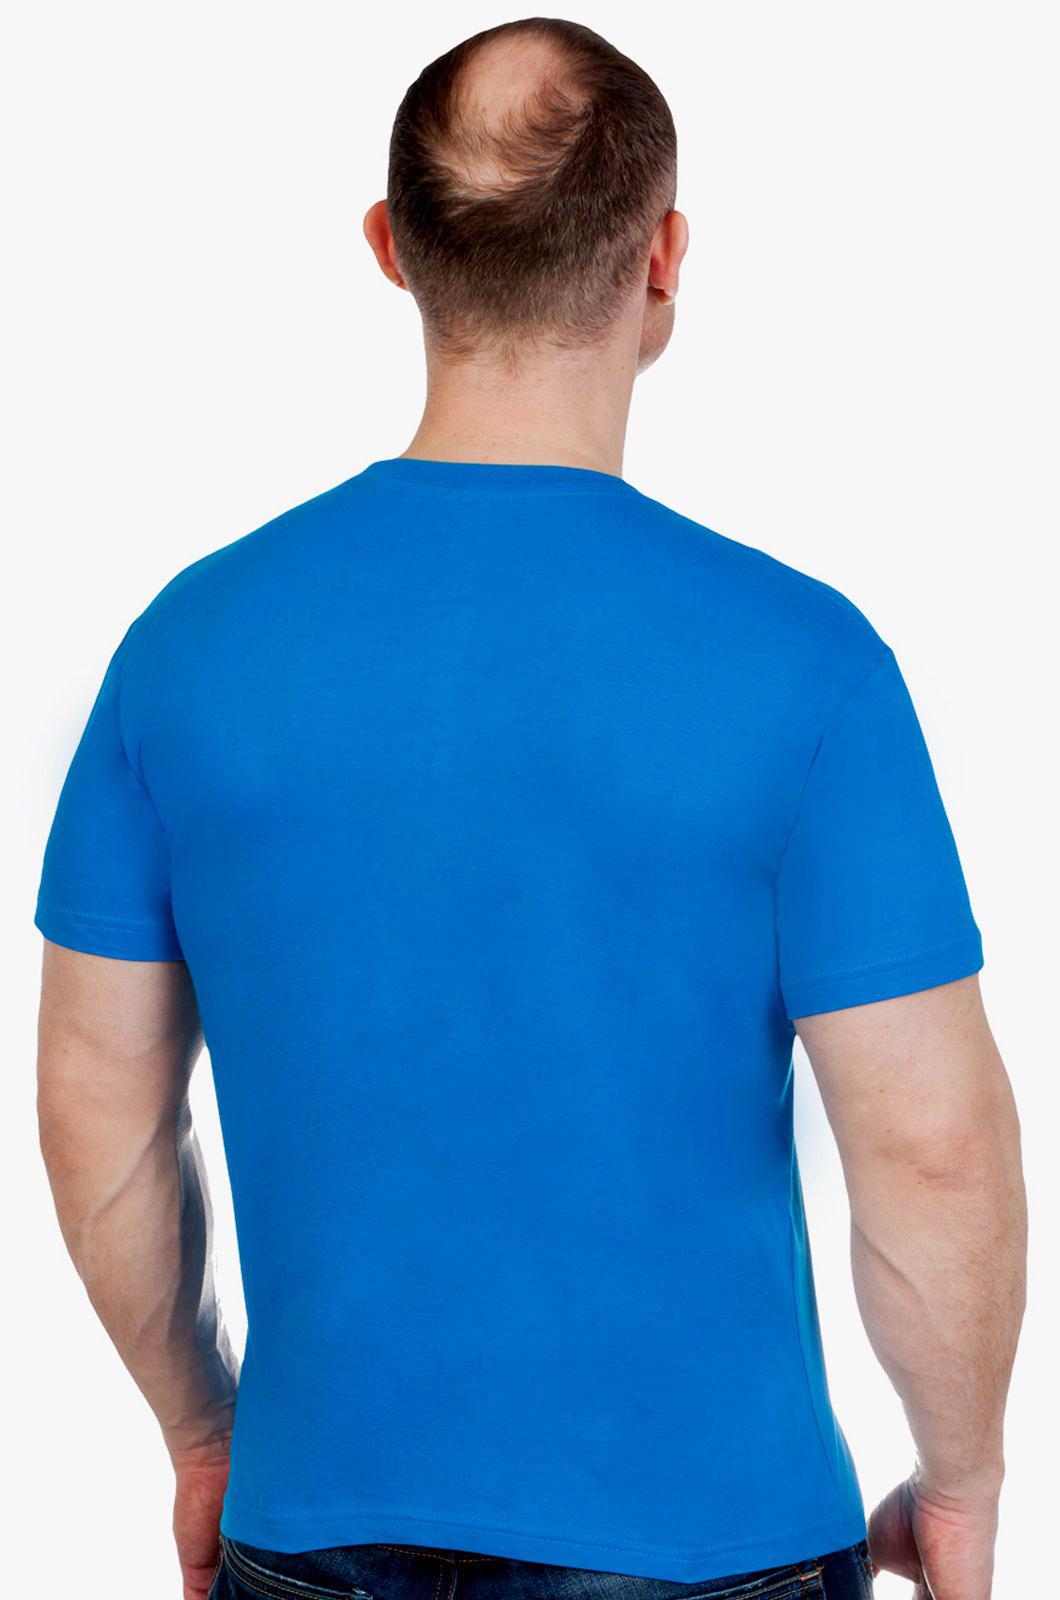 Синяя надежная футболка ВКС - купить онлайн